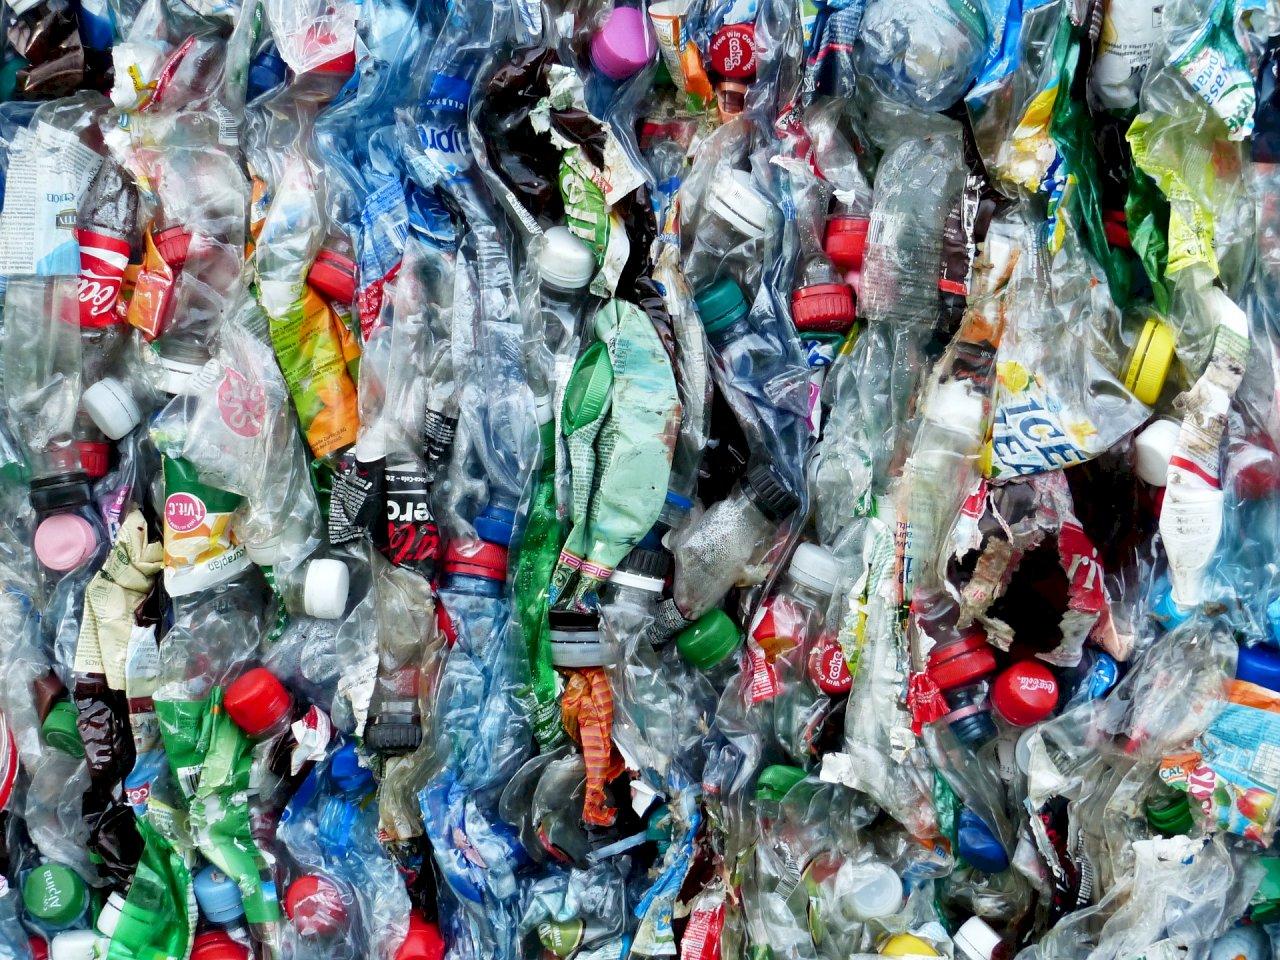 符合聯合國公約 馬來西亞允許美國塑膠垃圾進口